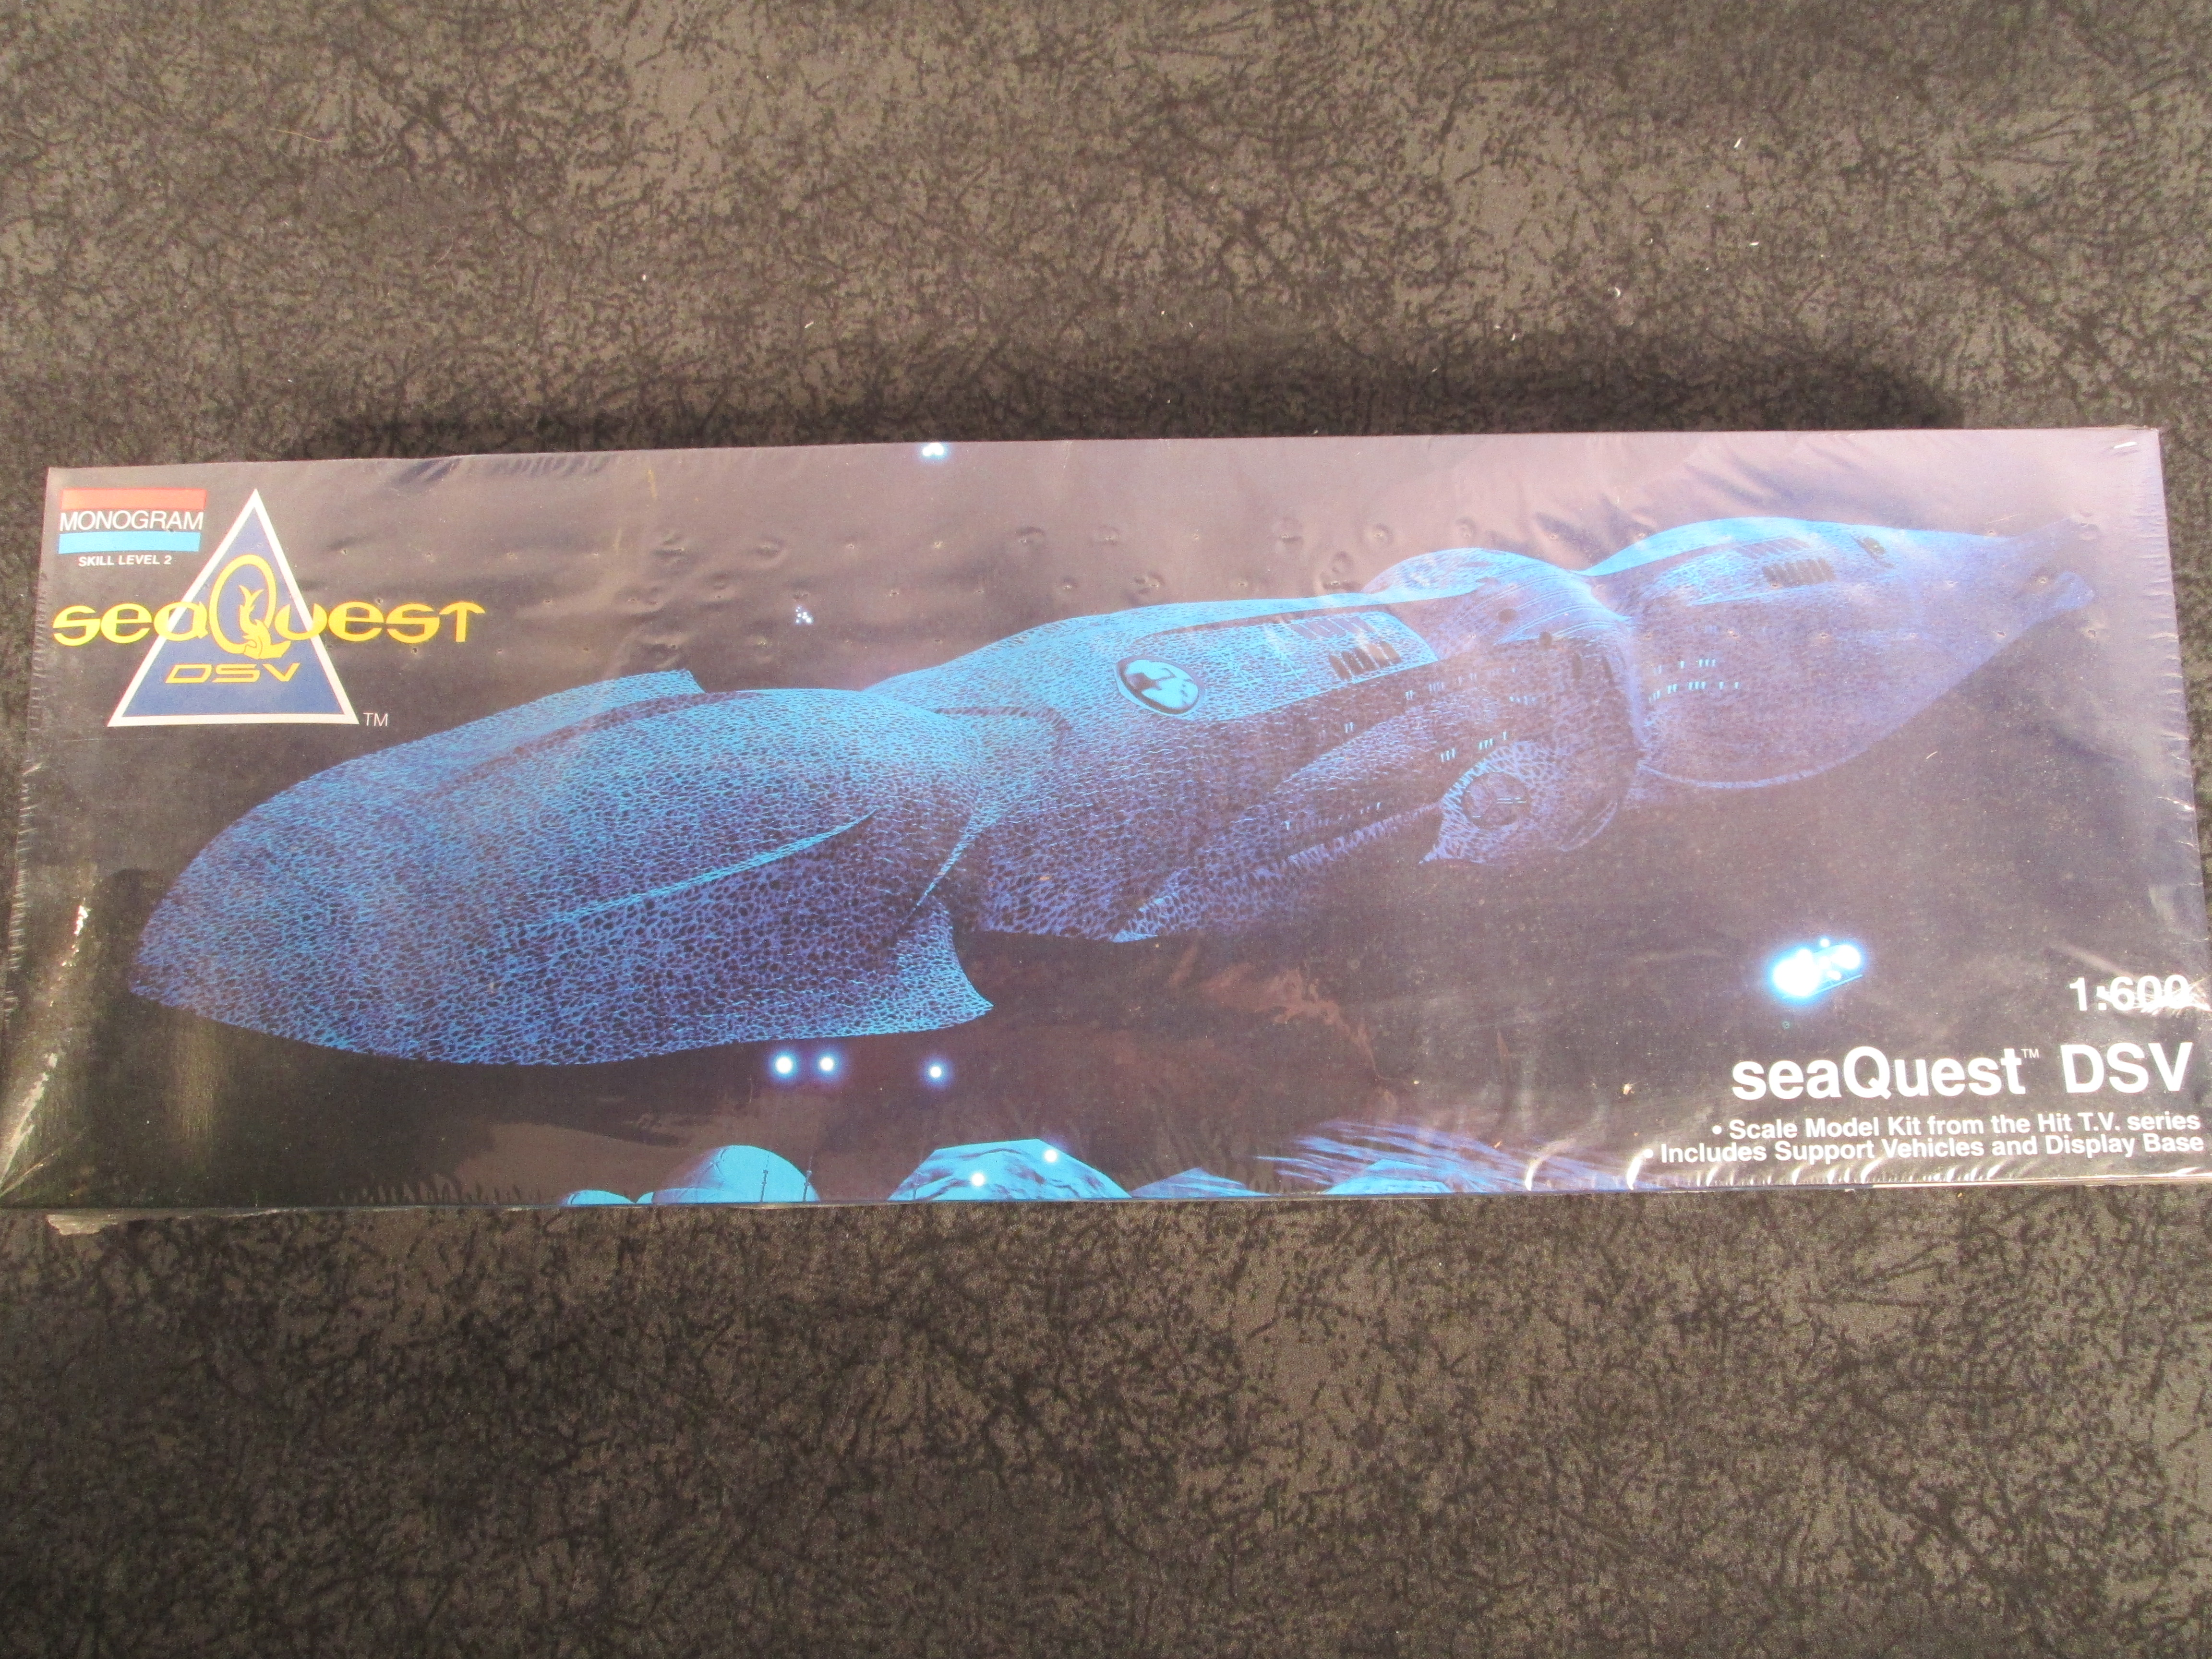 Monogram Seaquest 1 600 Scale Dsv Mgm 3600